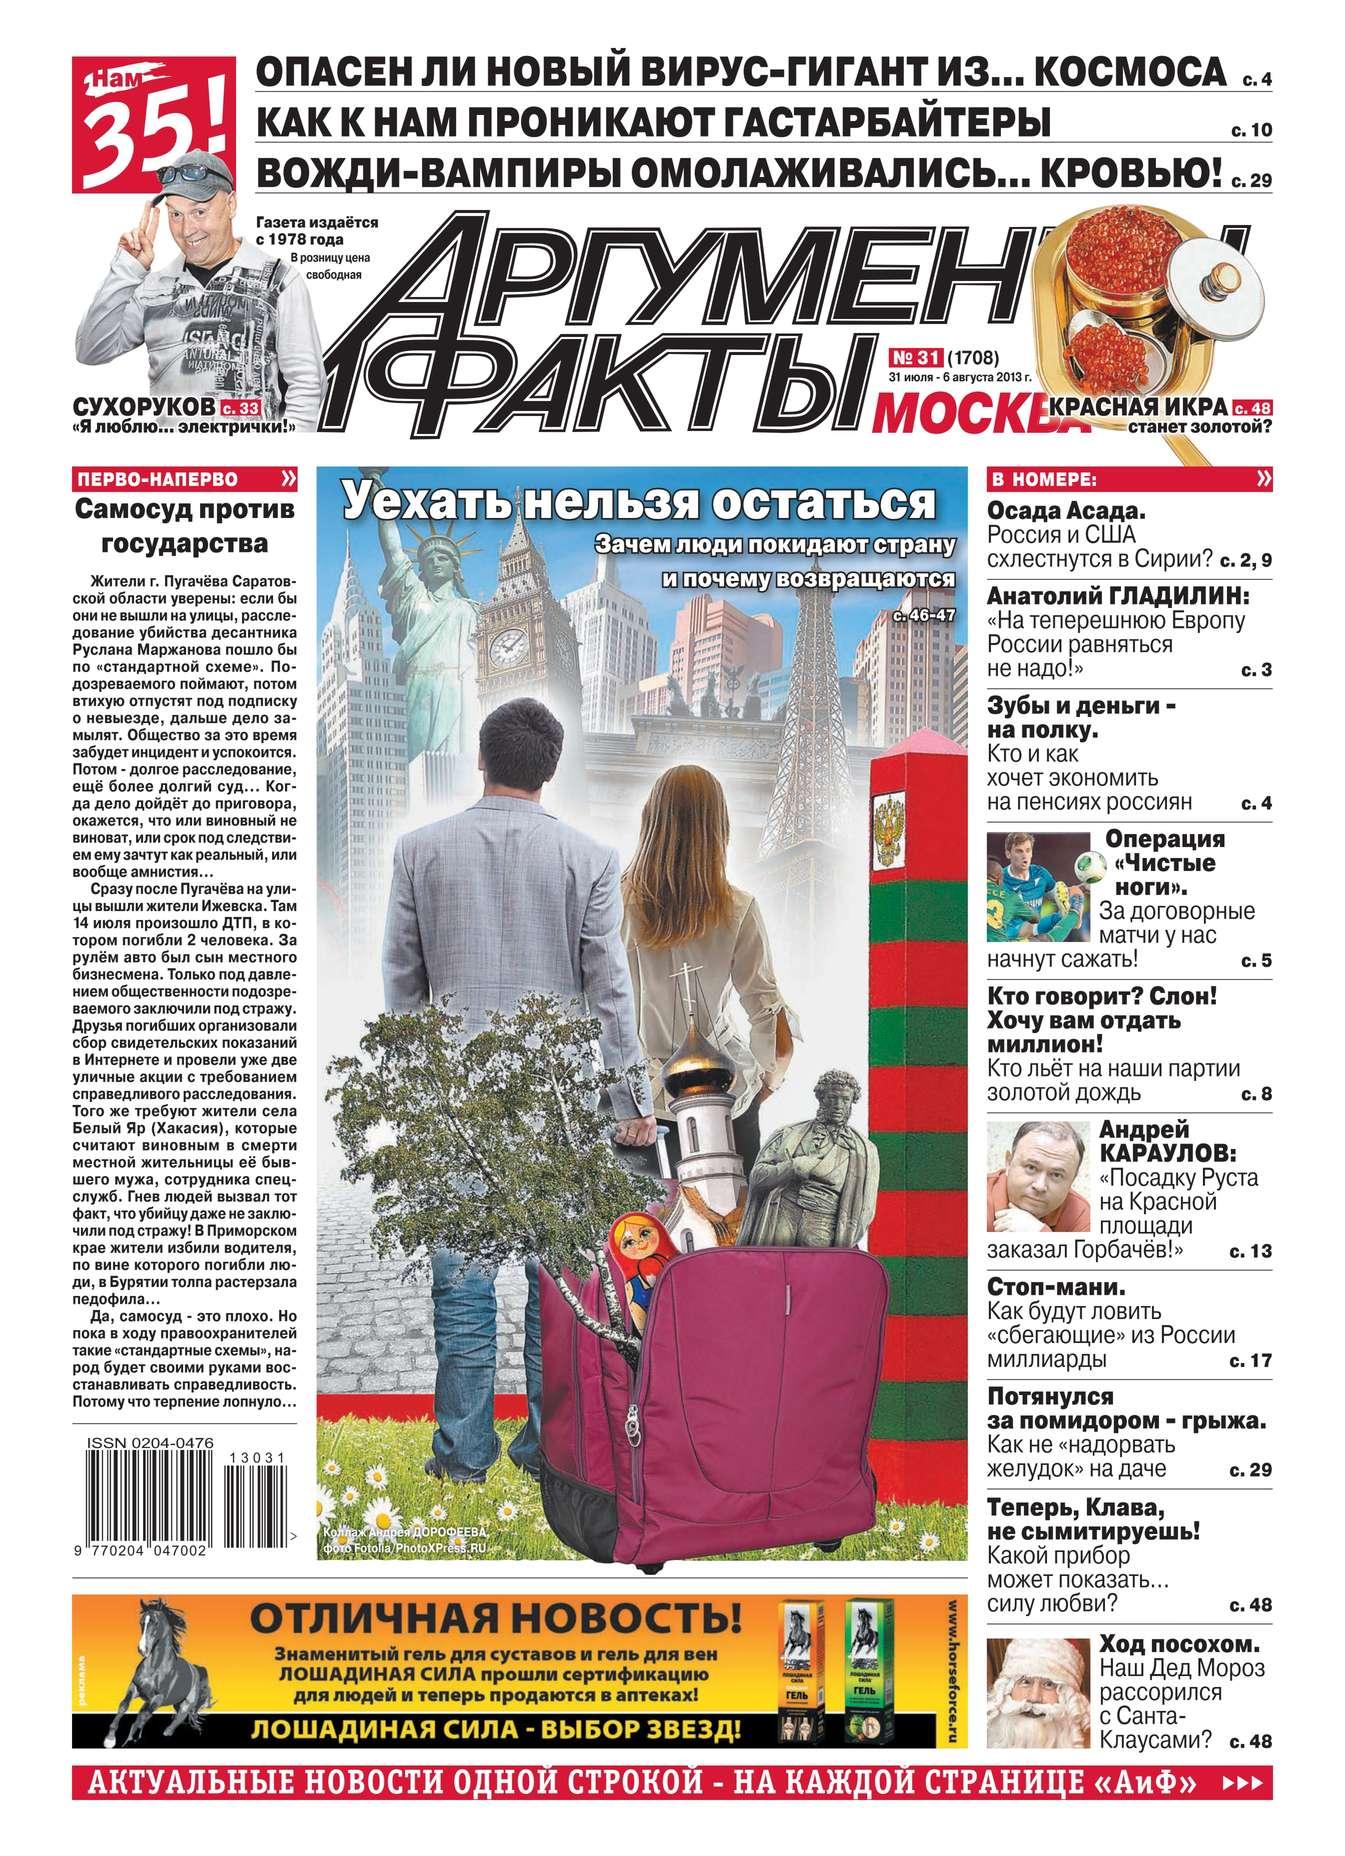 Редакция журнала Аиф. Про Кухню Аргументы и факты 31-2013